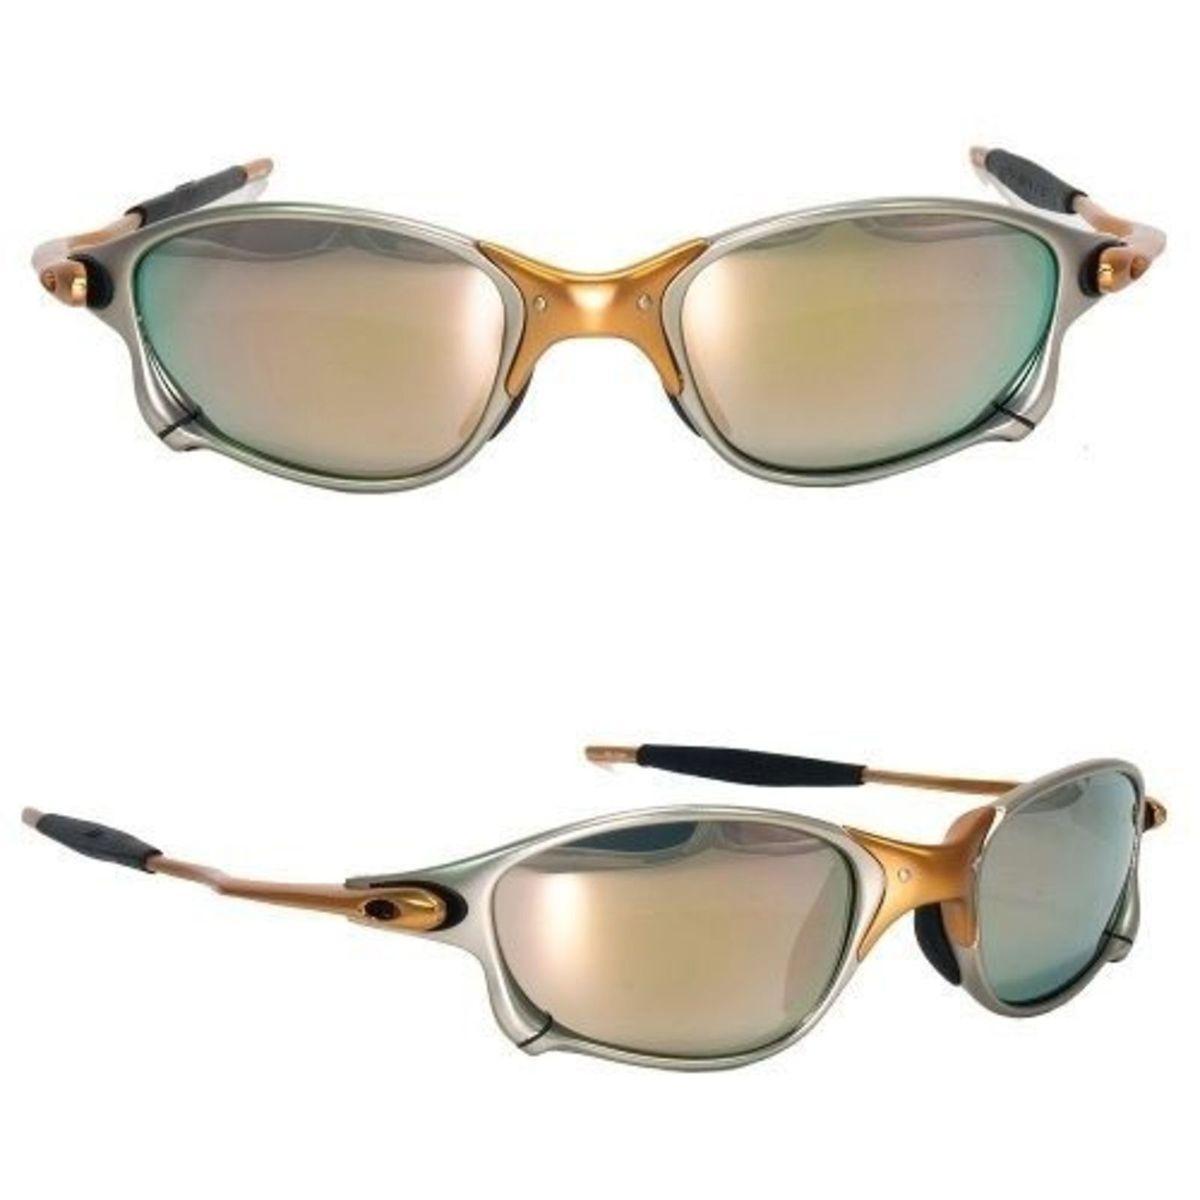 oculos juliet promoçao - óculos juliet.  Czm6ly9wag90b3muzw5qb2vplmnvbs5ici9wcm9kdwn0cy83mdq3mta1lzljnzuzy2qwmzy4zdgwnjhmnjfhndjmmdbhmzc3oguwlmpwzw 1276f8949e